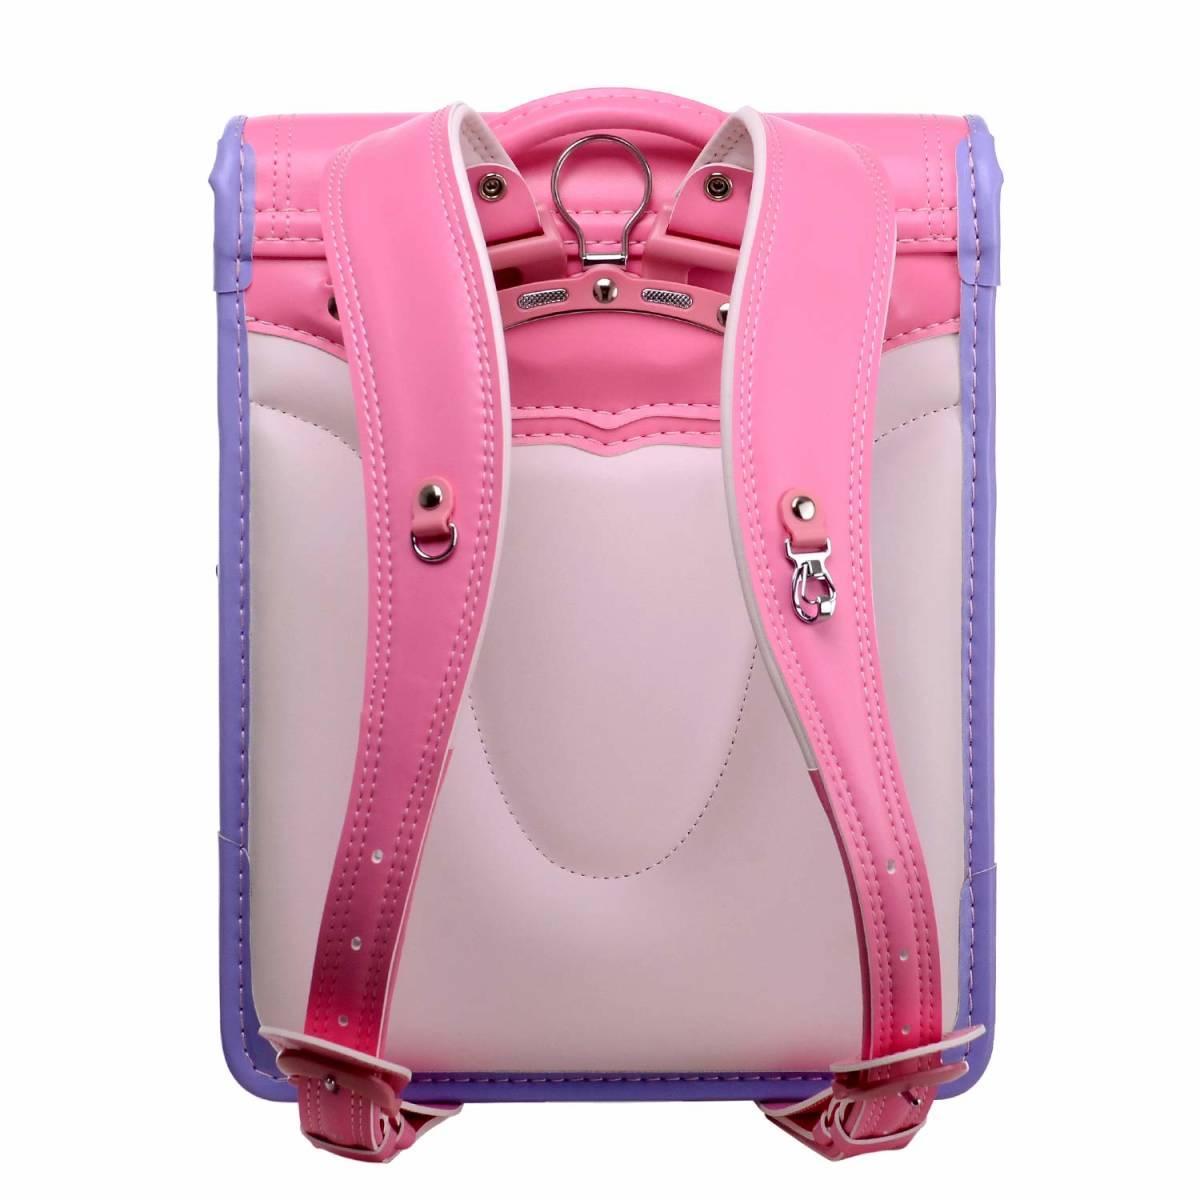 ランドセル プリンセス A4フラットファイル対応 刺繍 可愛い ピンク_画像3